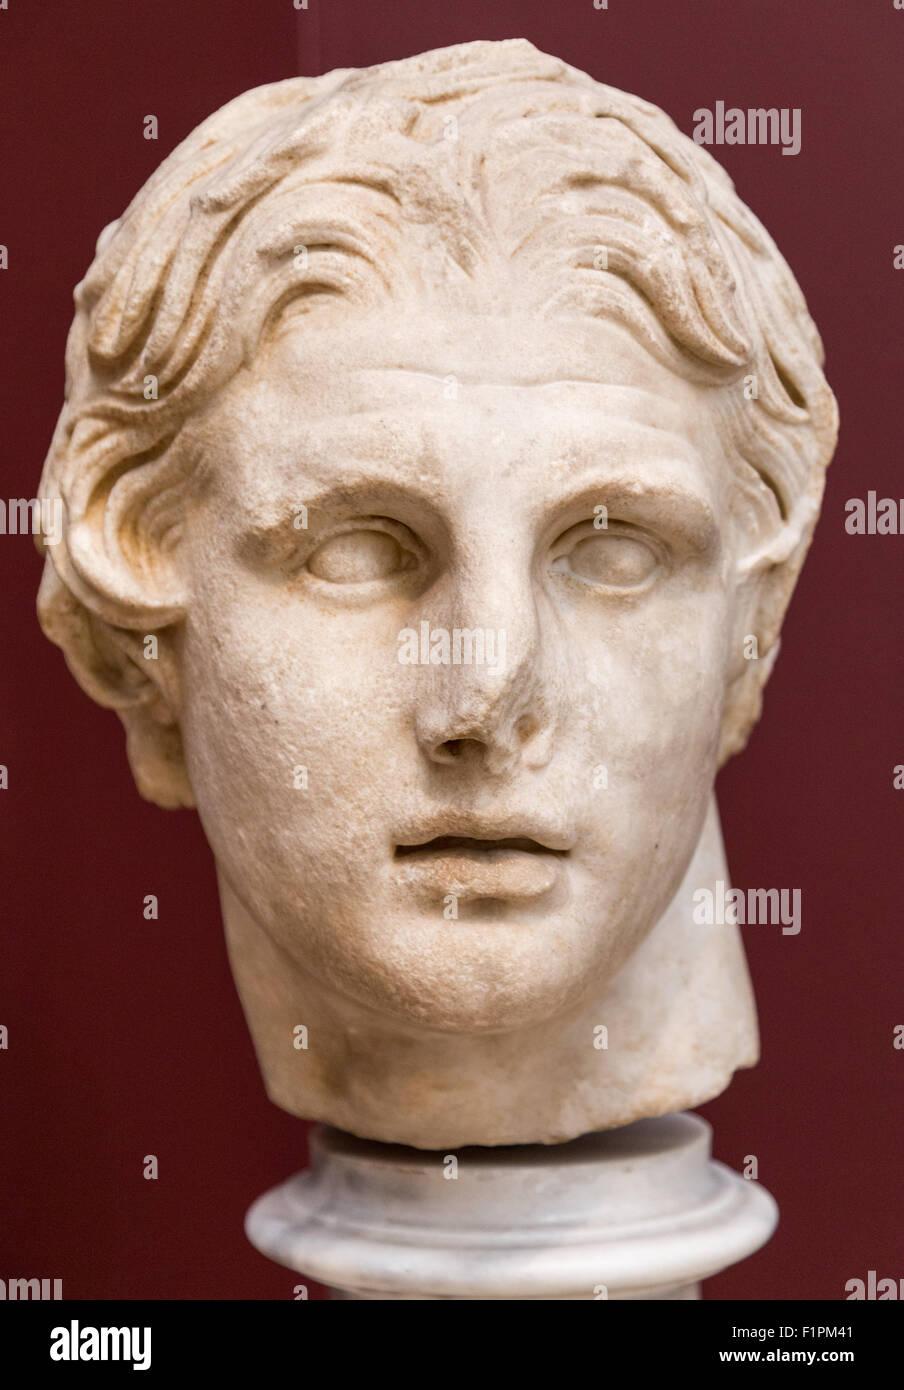 Une Tête en marbre d'Alexandre le Grand, 2ème siècle avant J.-C. sur l'affichage dans le Photo Stock